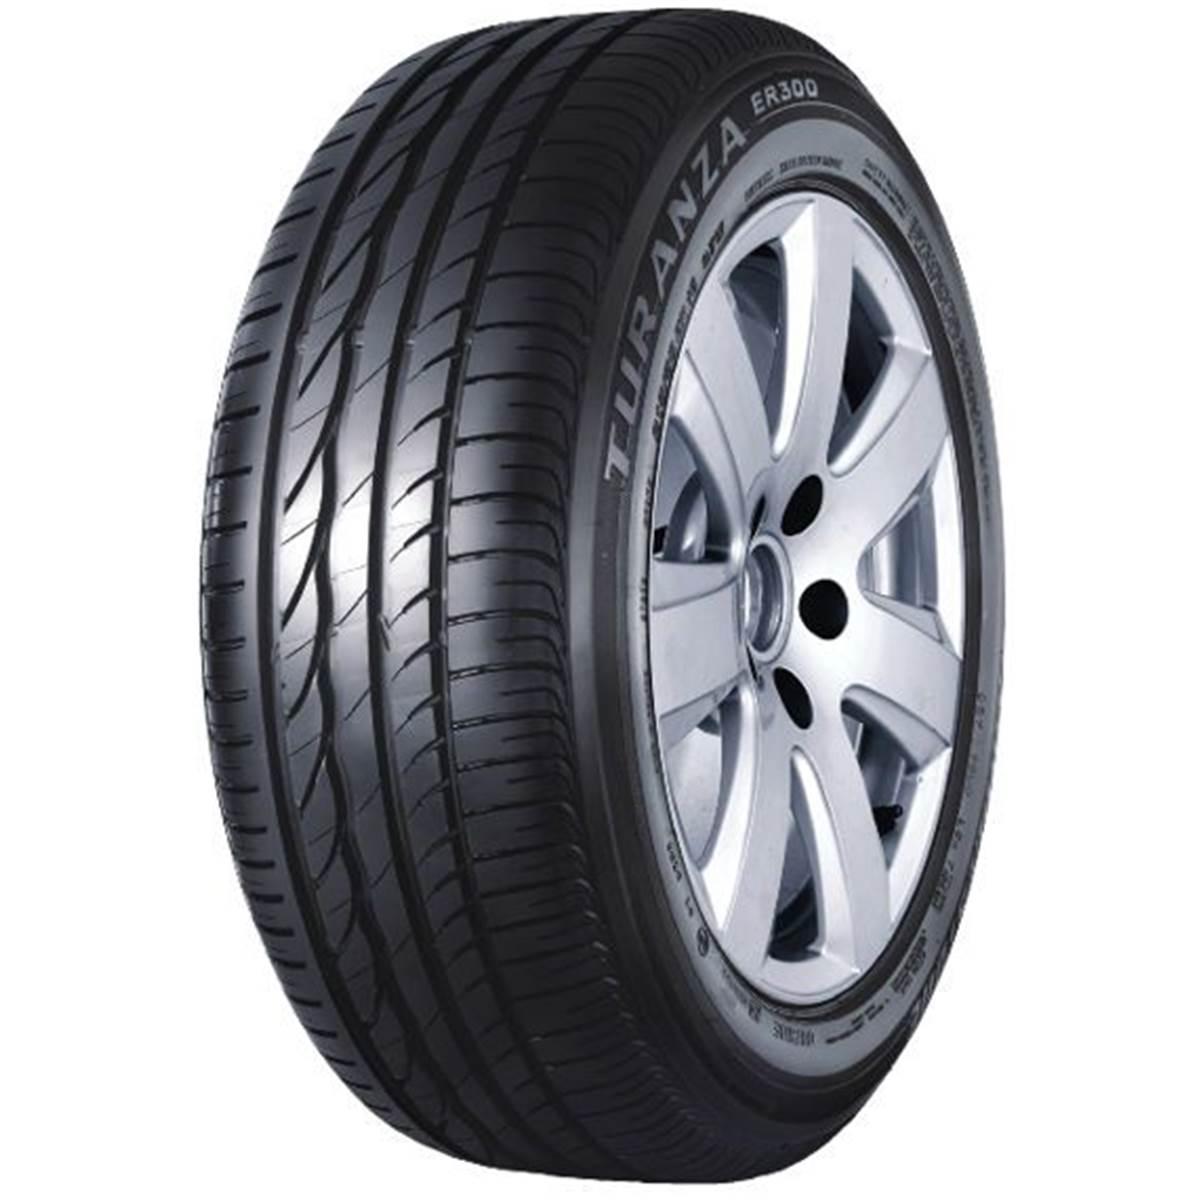 Pneu Bridgestone 195/60R14 86H Turanza Er300